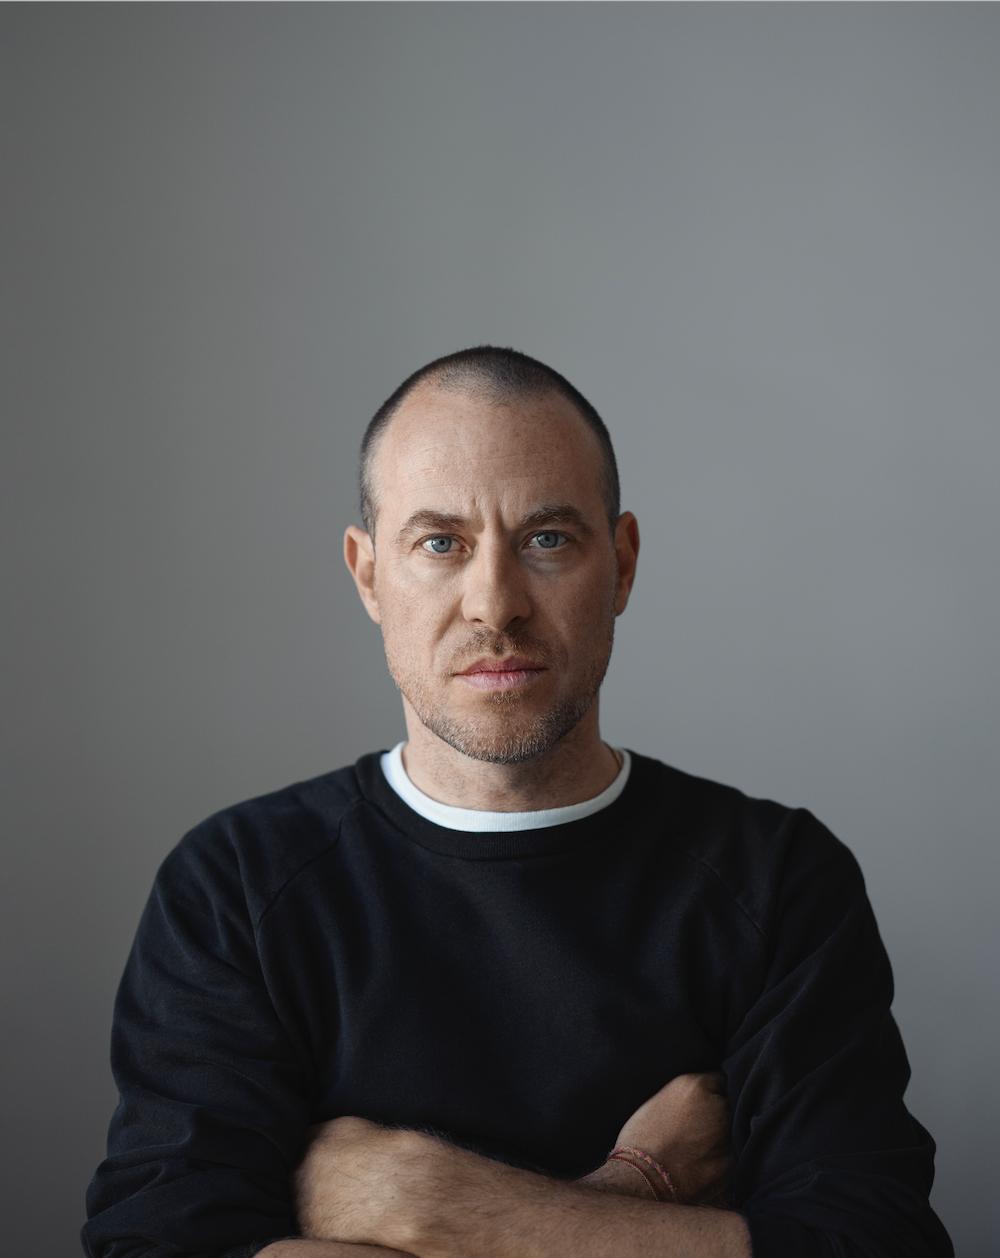 Portrait of Mirko Borsche.